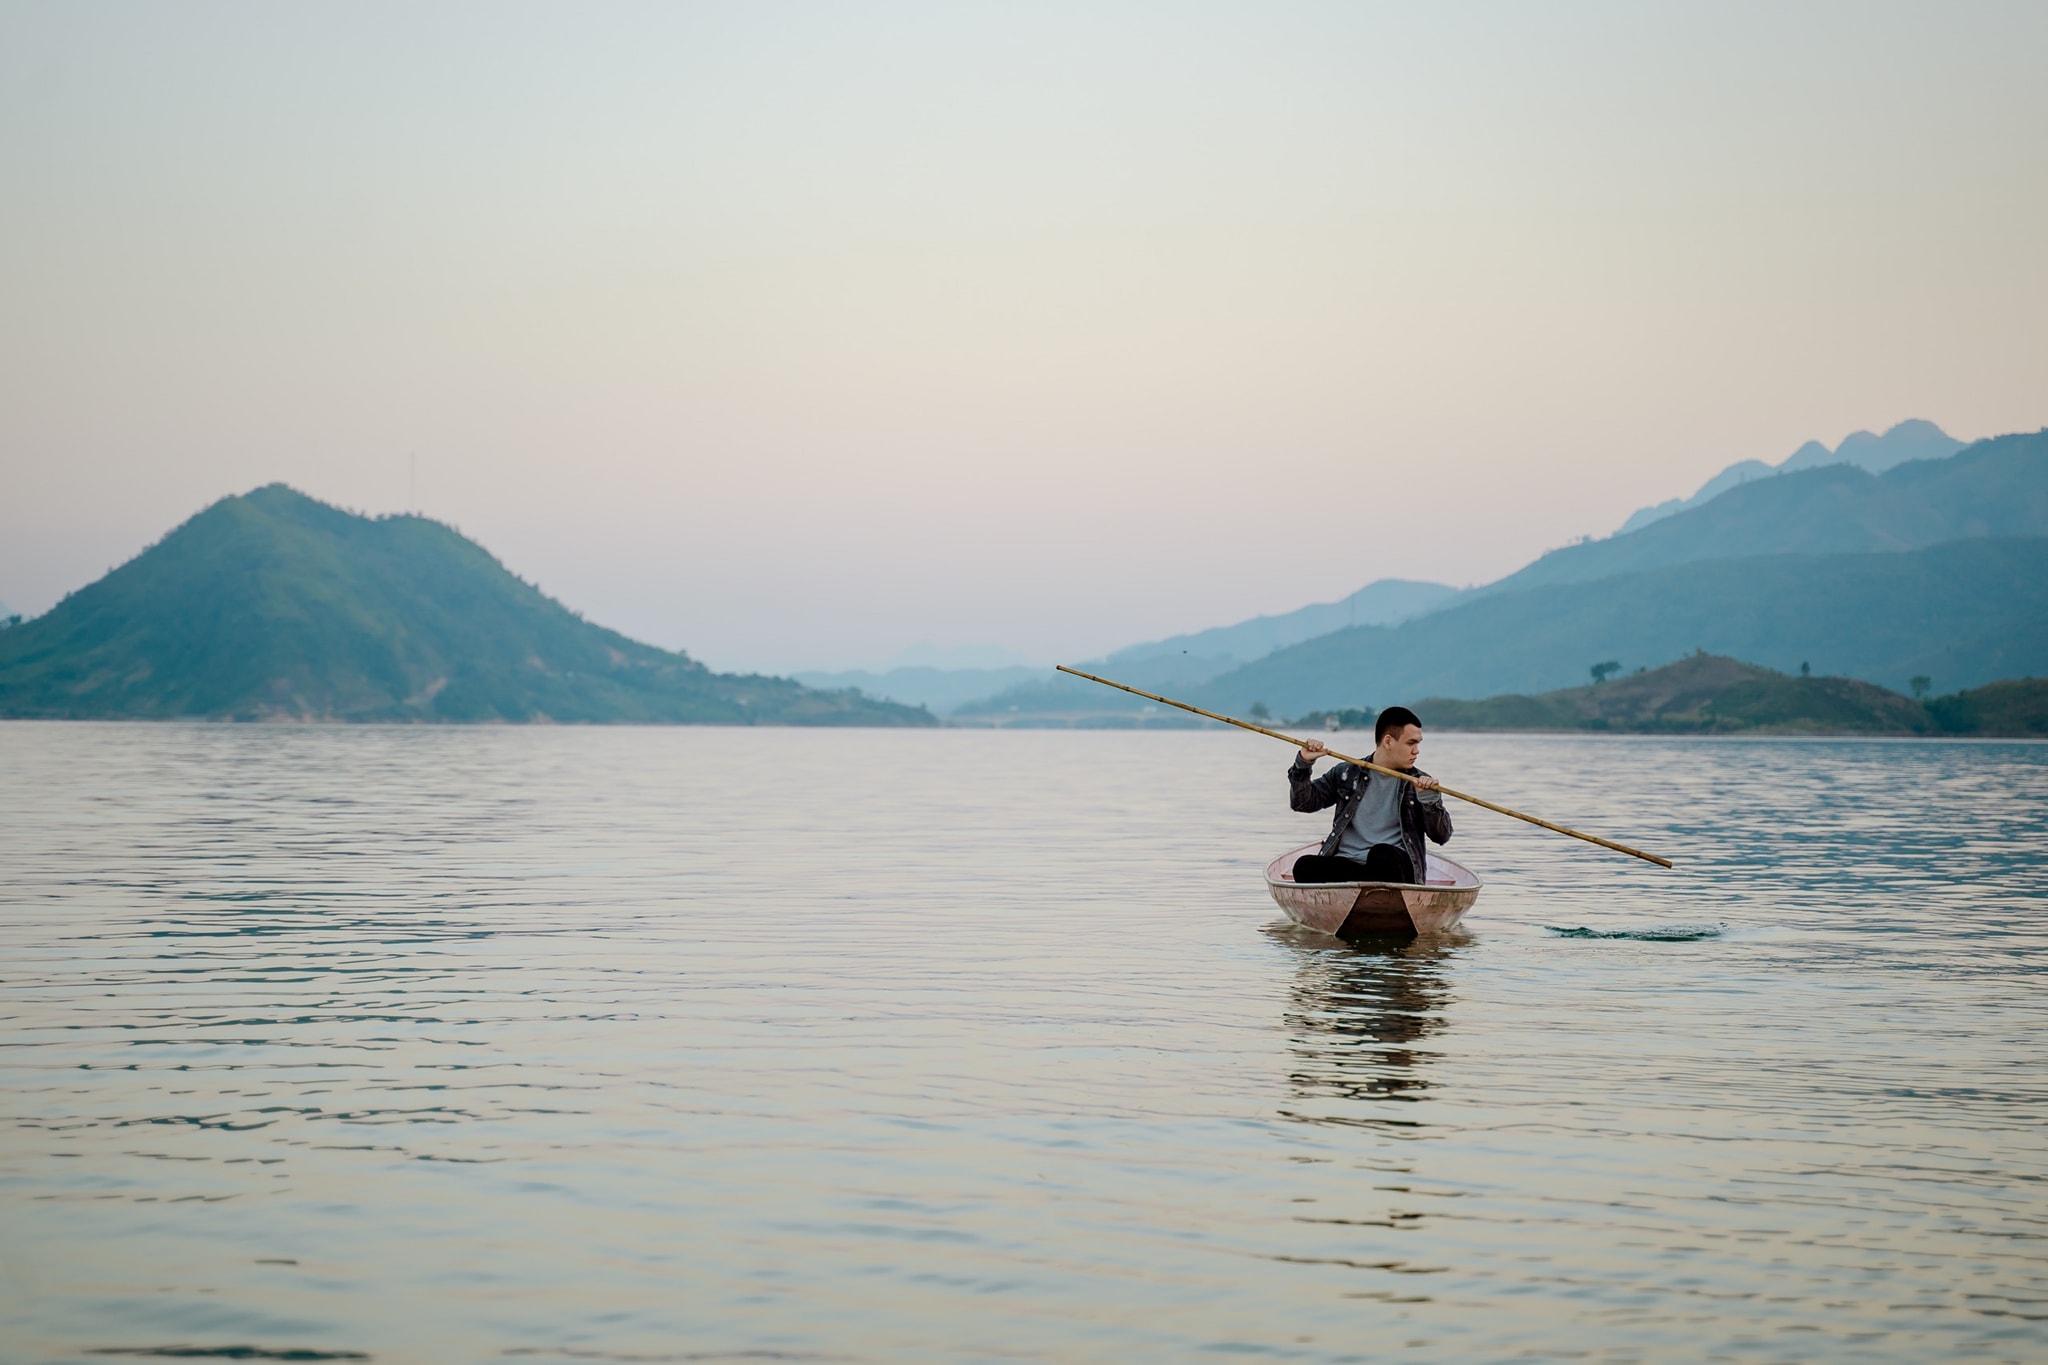 Biển hồ Quỳnh Nhai. Hình: Sưu tầm